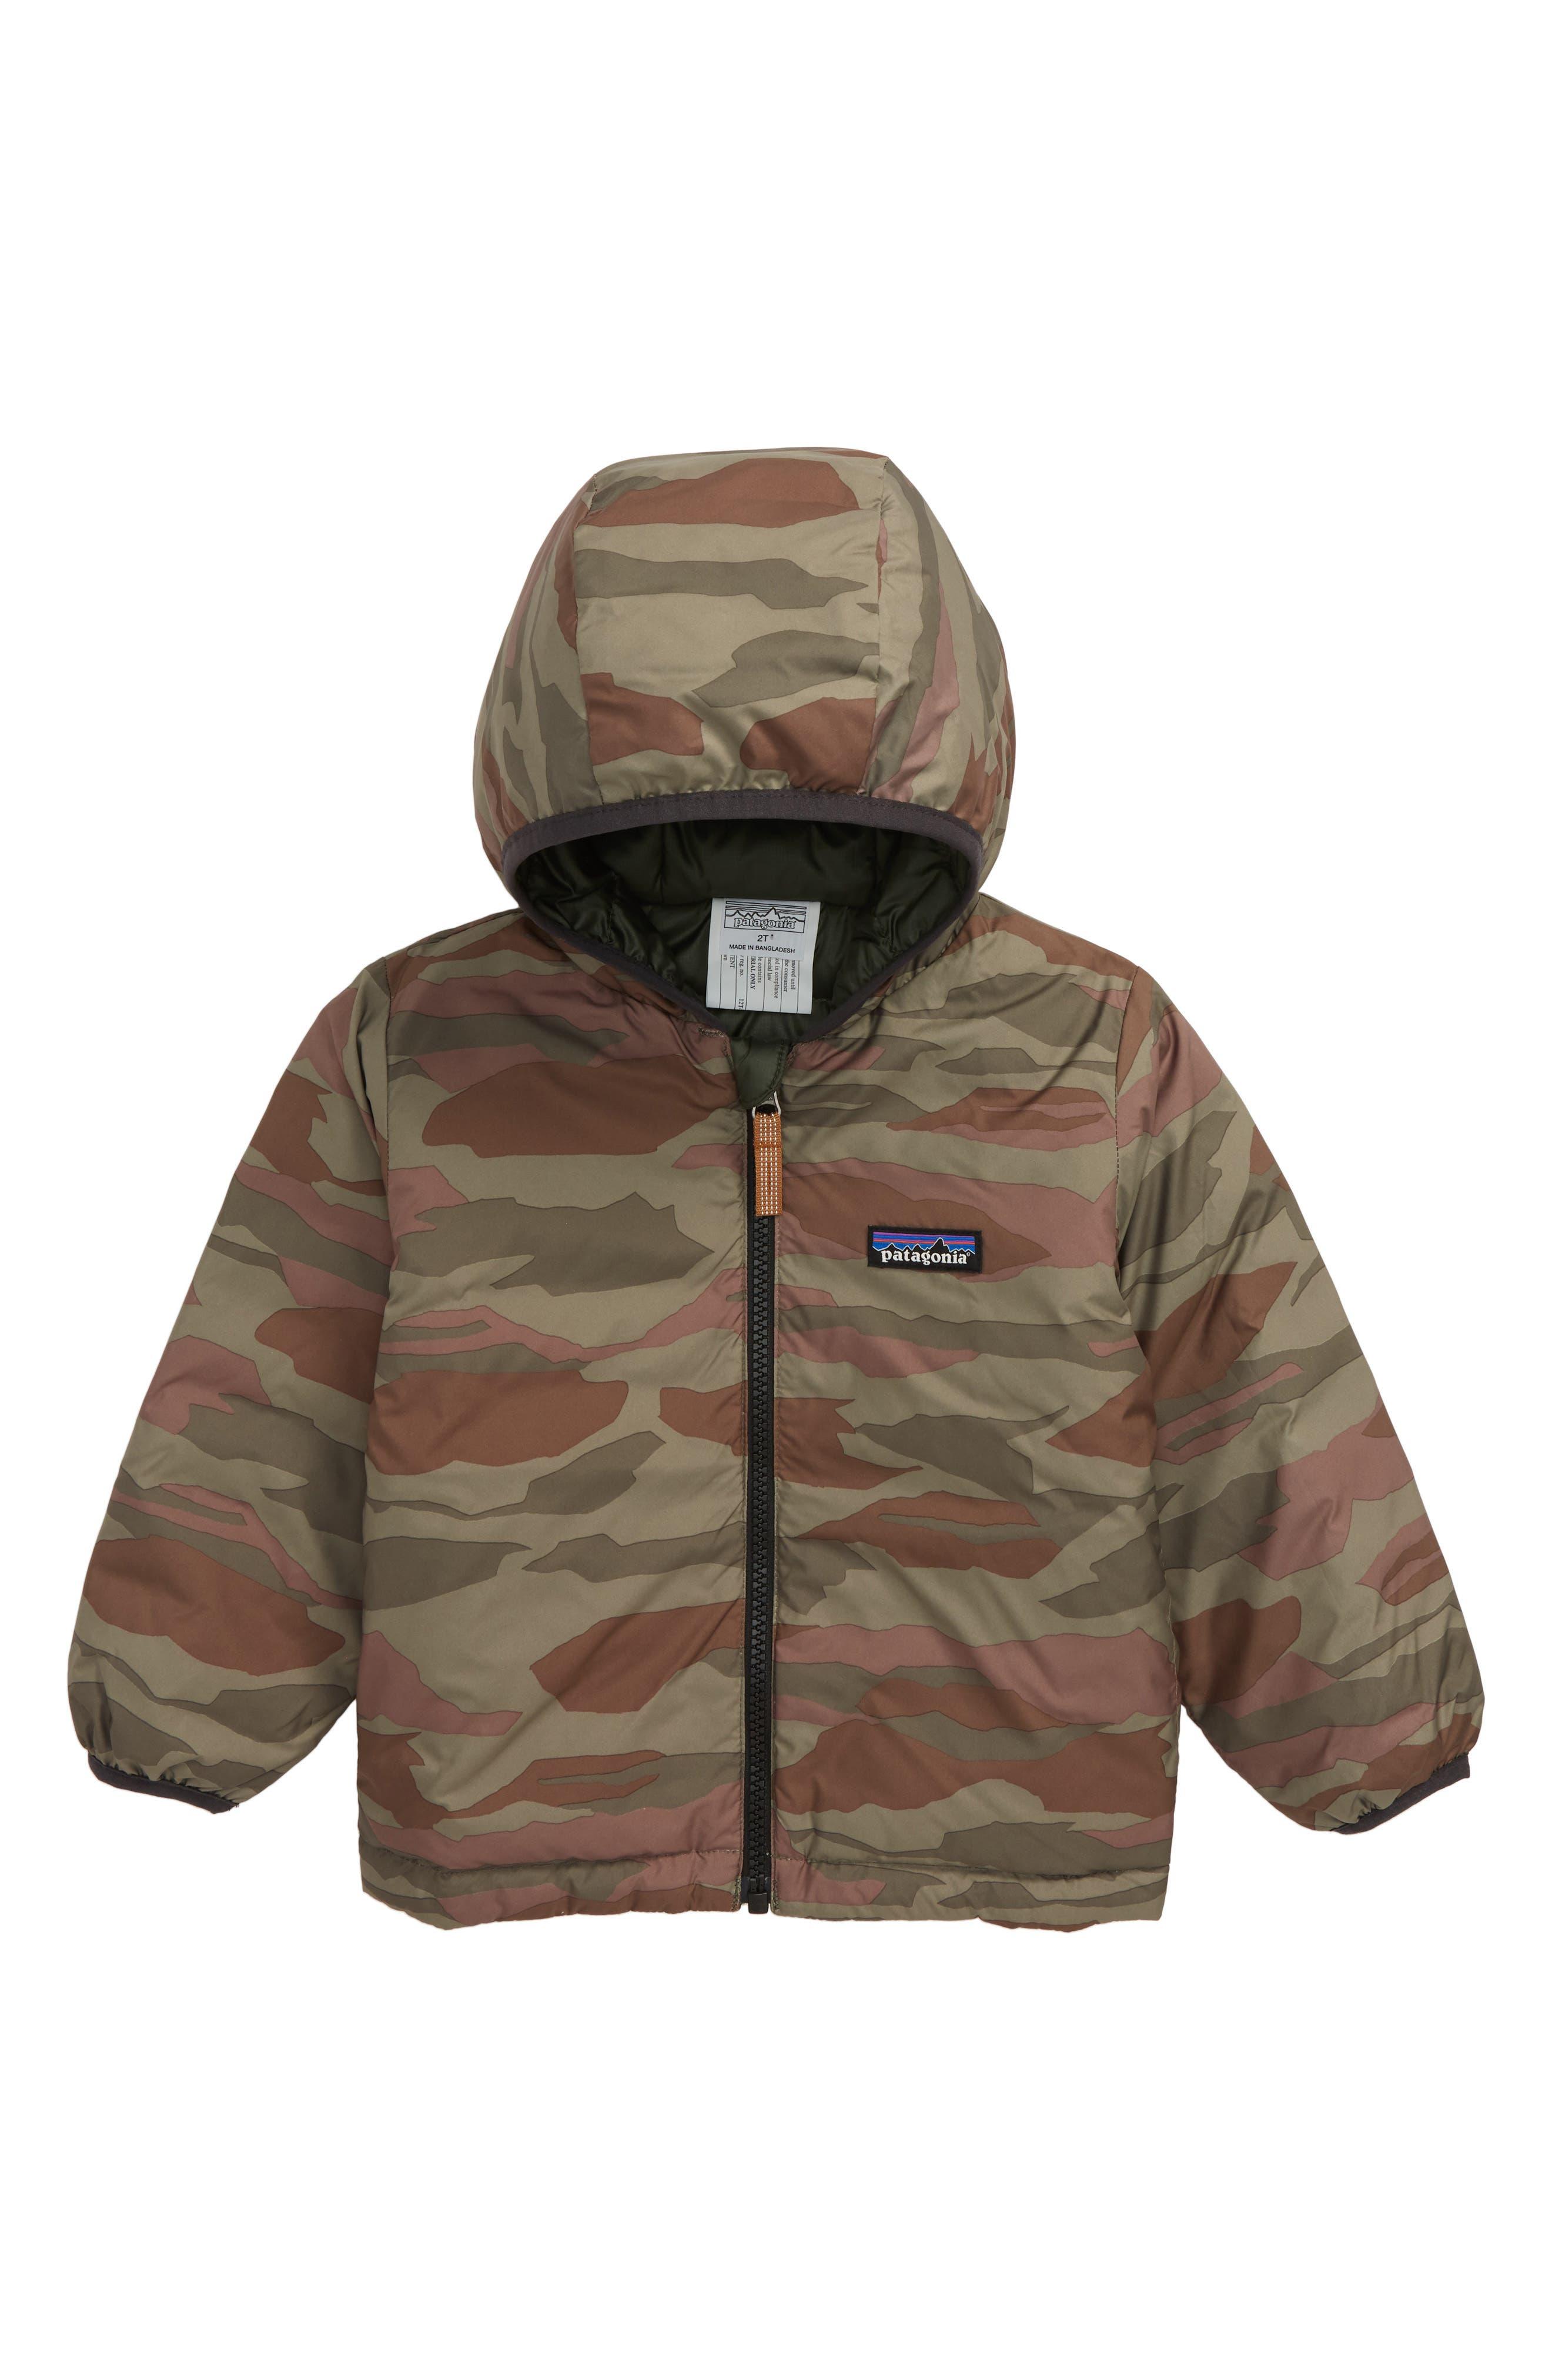 bb695a2824023 Boys' Clothing: Hoodies, Shirts, Pants & T-Shirts | Nordstrom